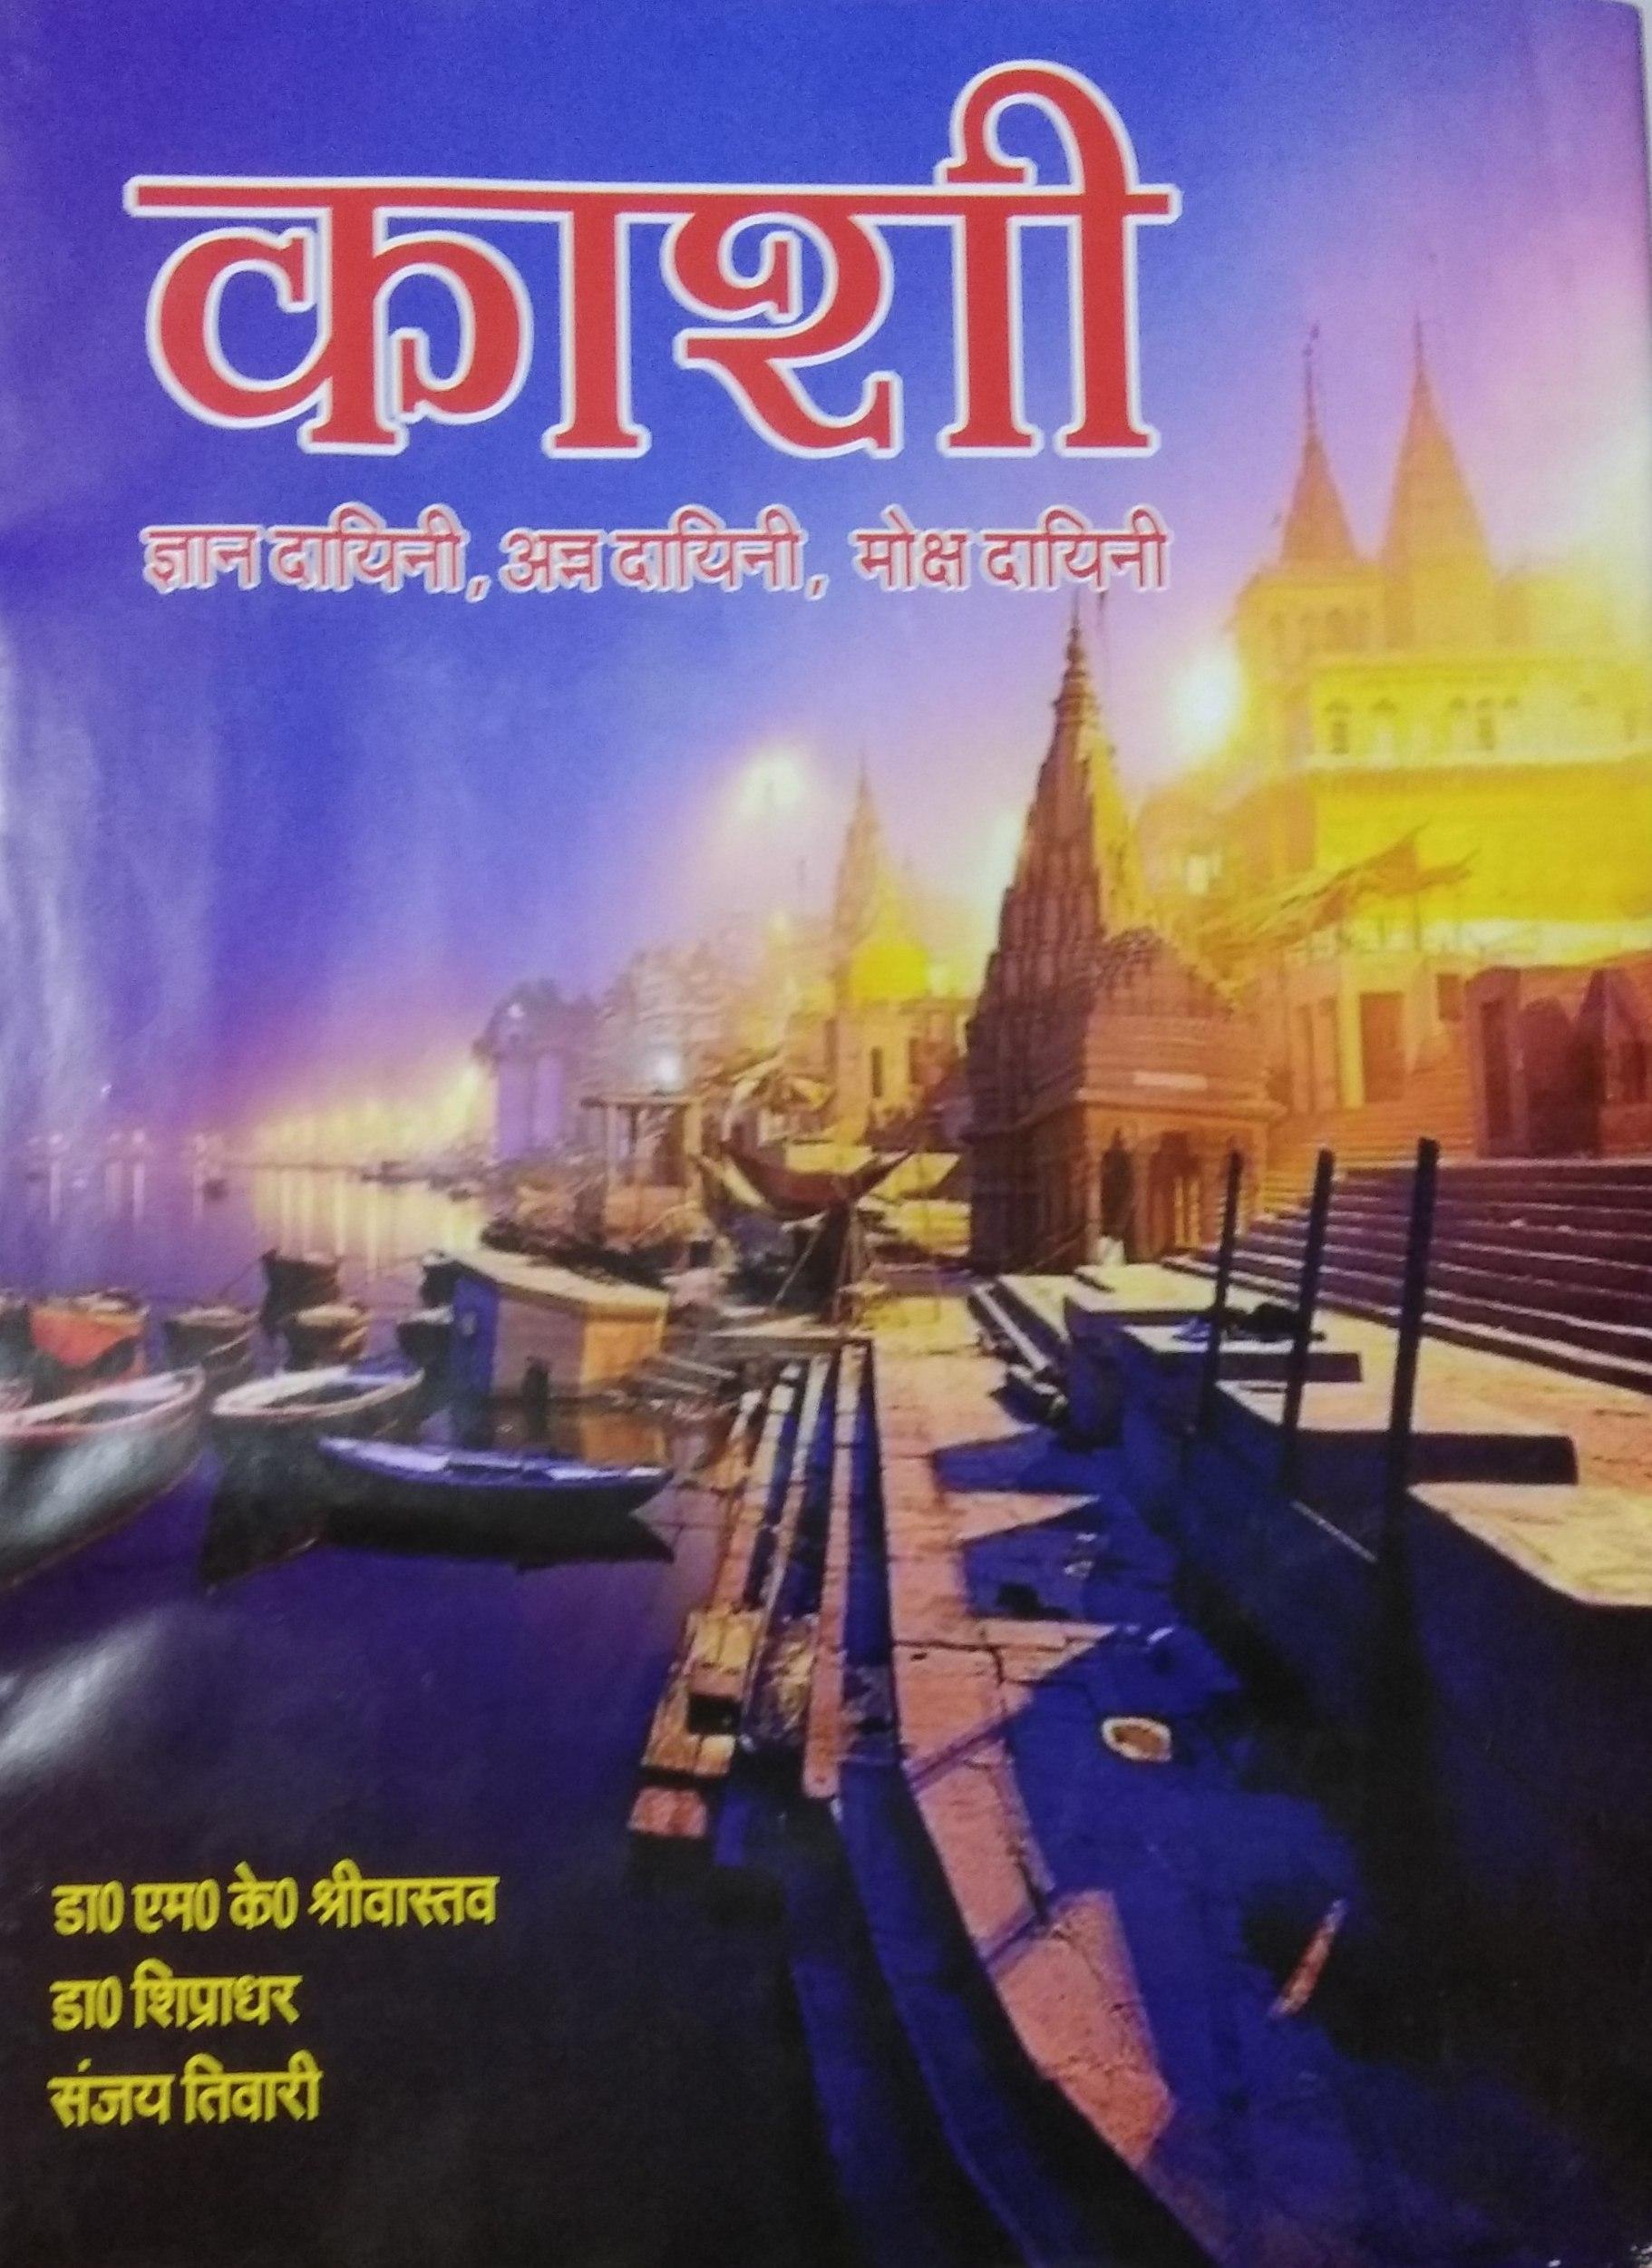 Kashi: Gyan Dayni, Ann Dayni, Moksh Dayni (Hindi)